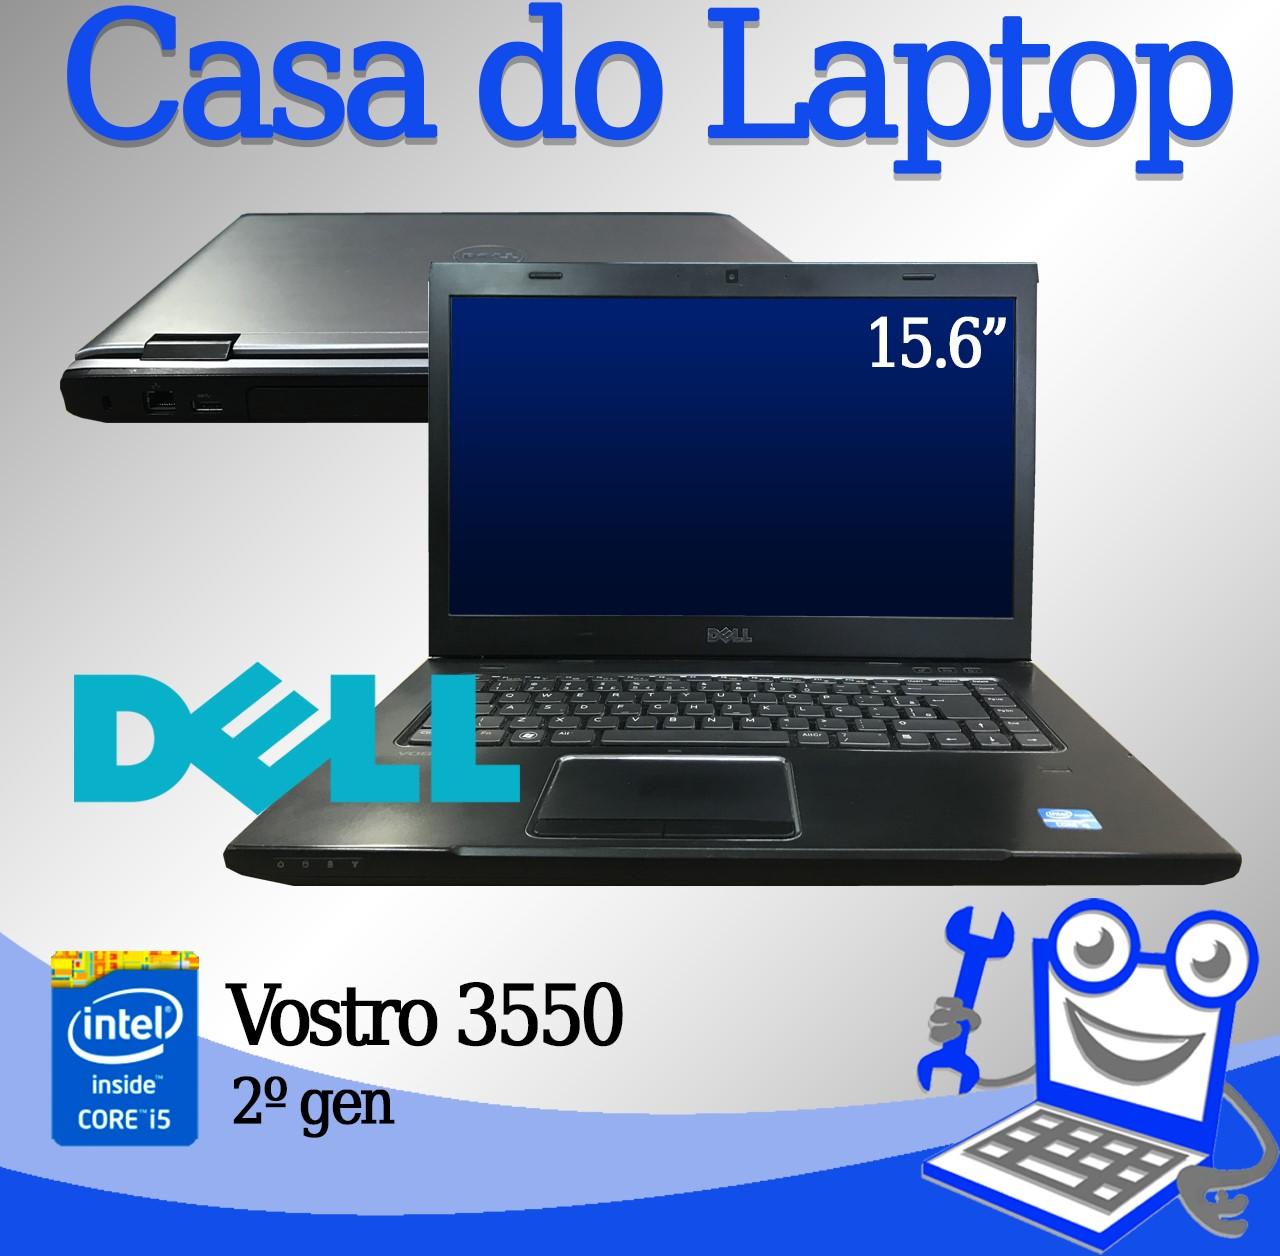 Laptop Dell Vostro 3550 Intel i5 2° Geração 4GB de memória RAM e 320GB Disco